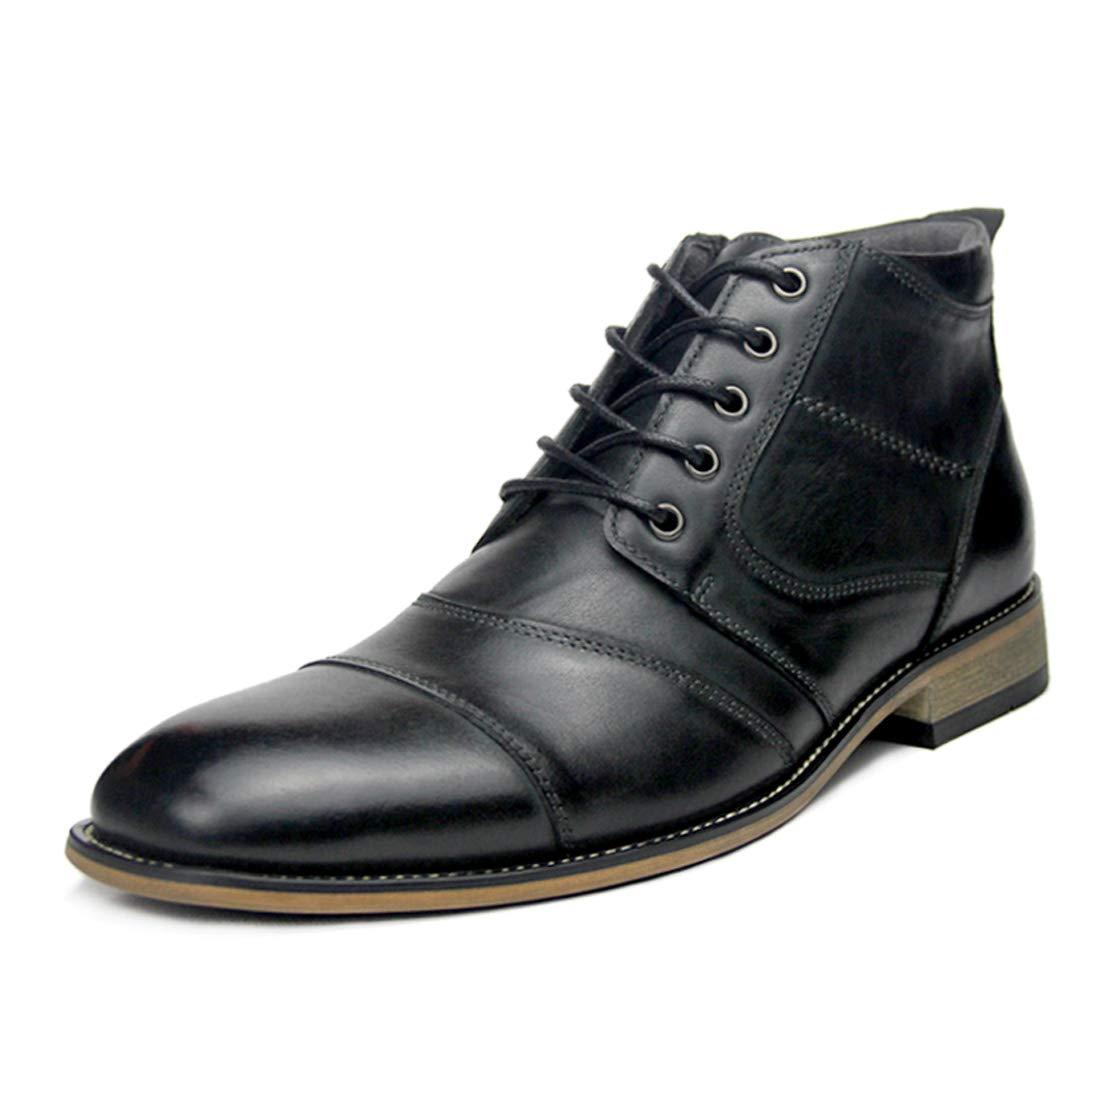 c8ef5a318b DANDANJIE Lederschuhe 2018 Winter britischen Stiefel warme Stiefelies Ankle  Stiefel (schwarz braun) halten Herren nrduip1895-Neue Schuhe